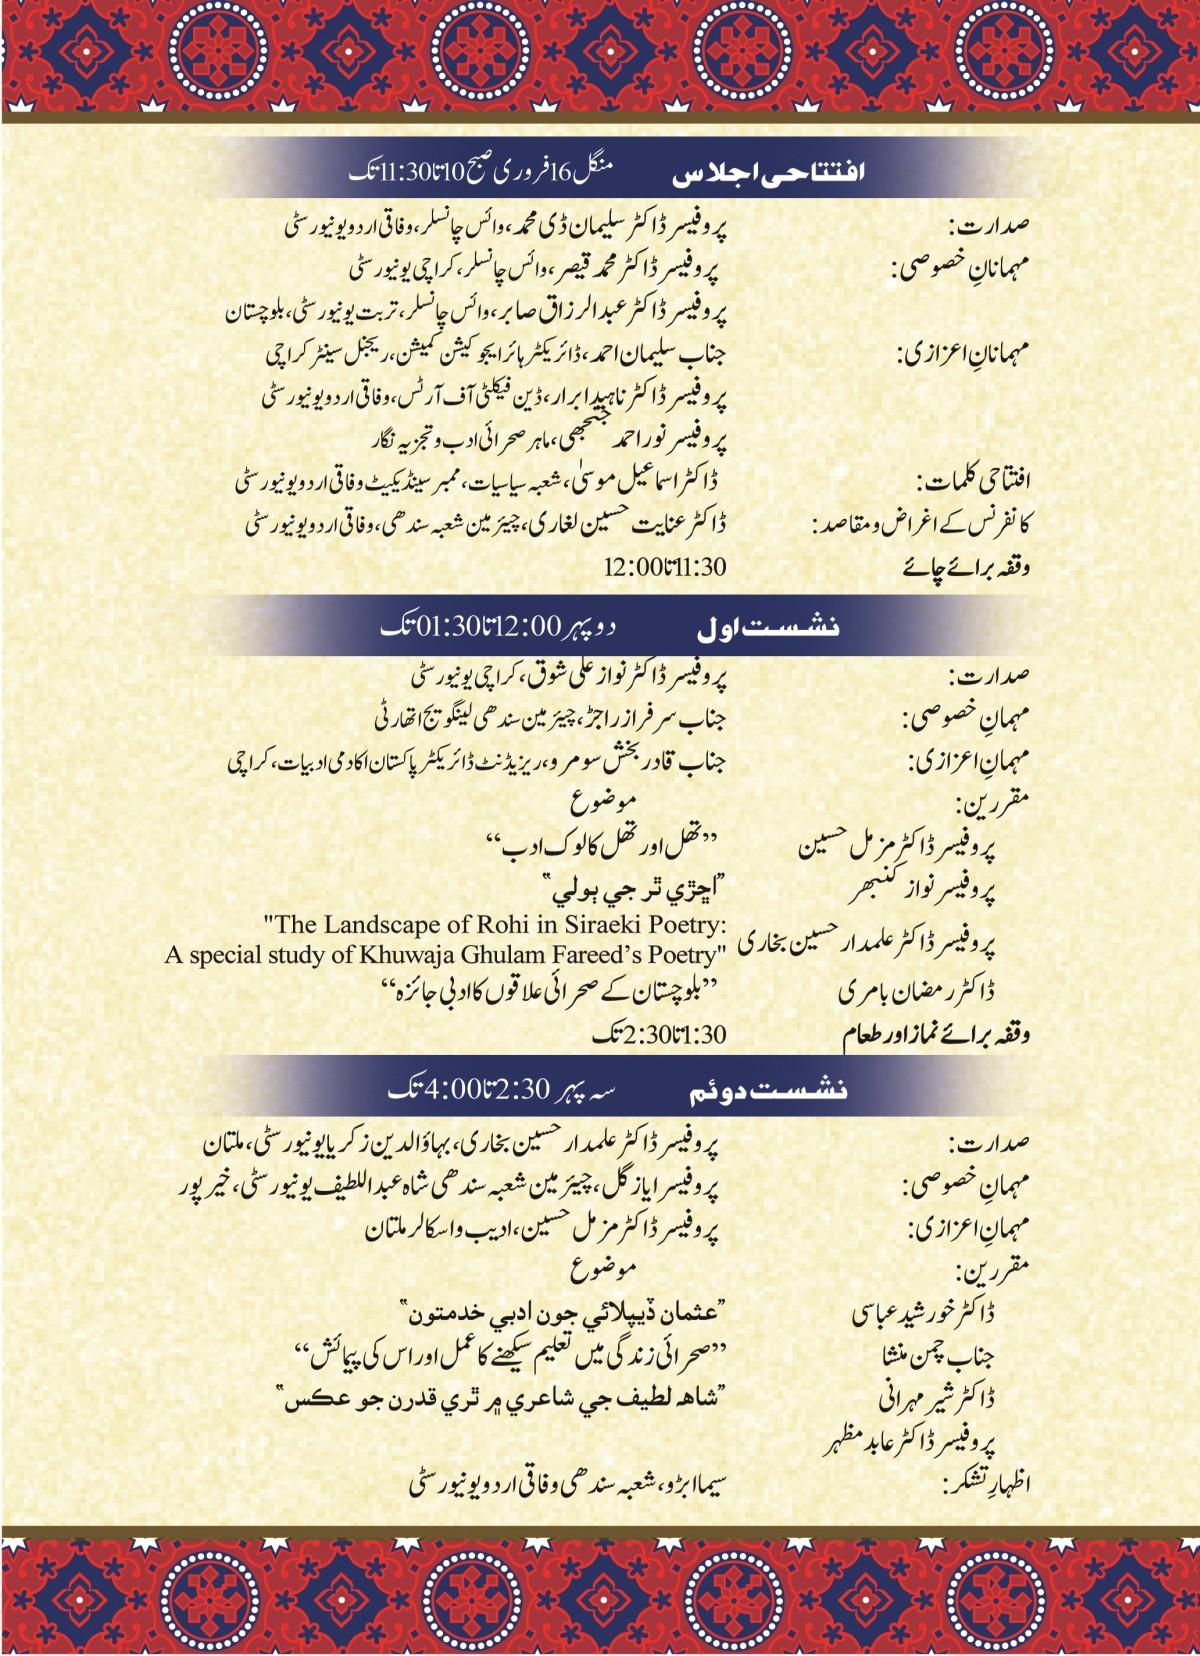 Sindhi Boli Aalmi Boli Conferecn